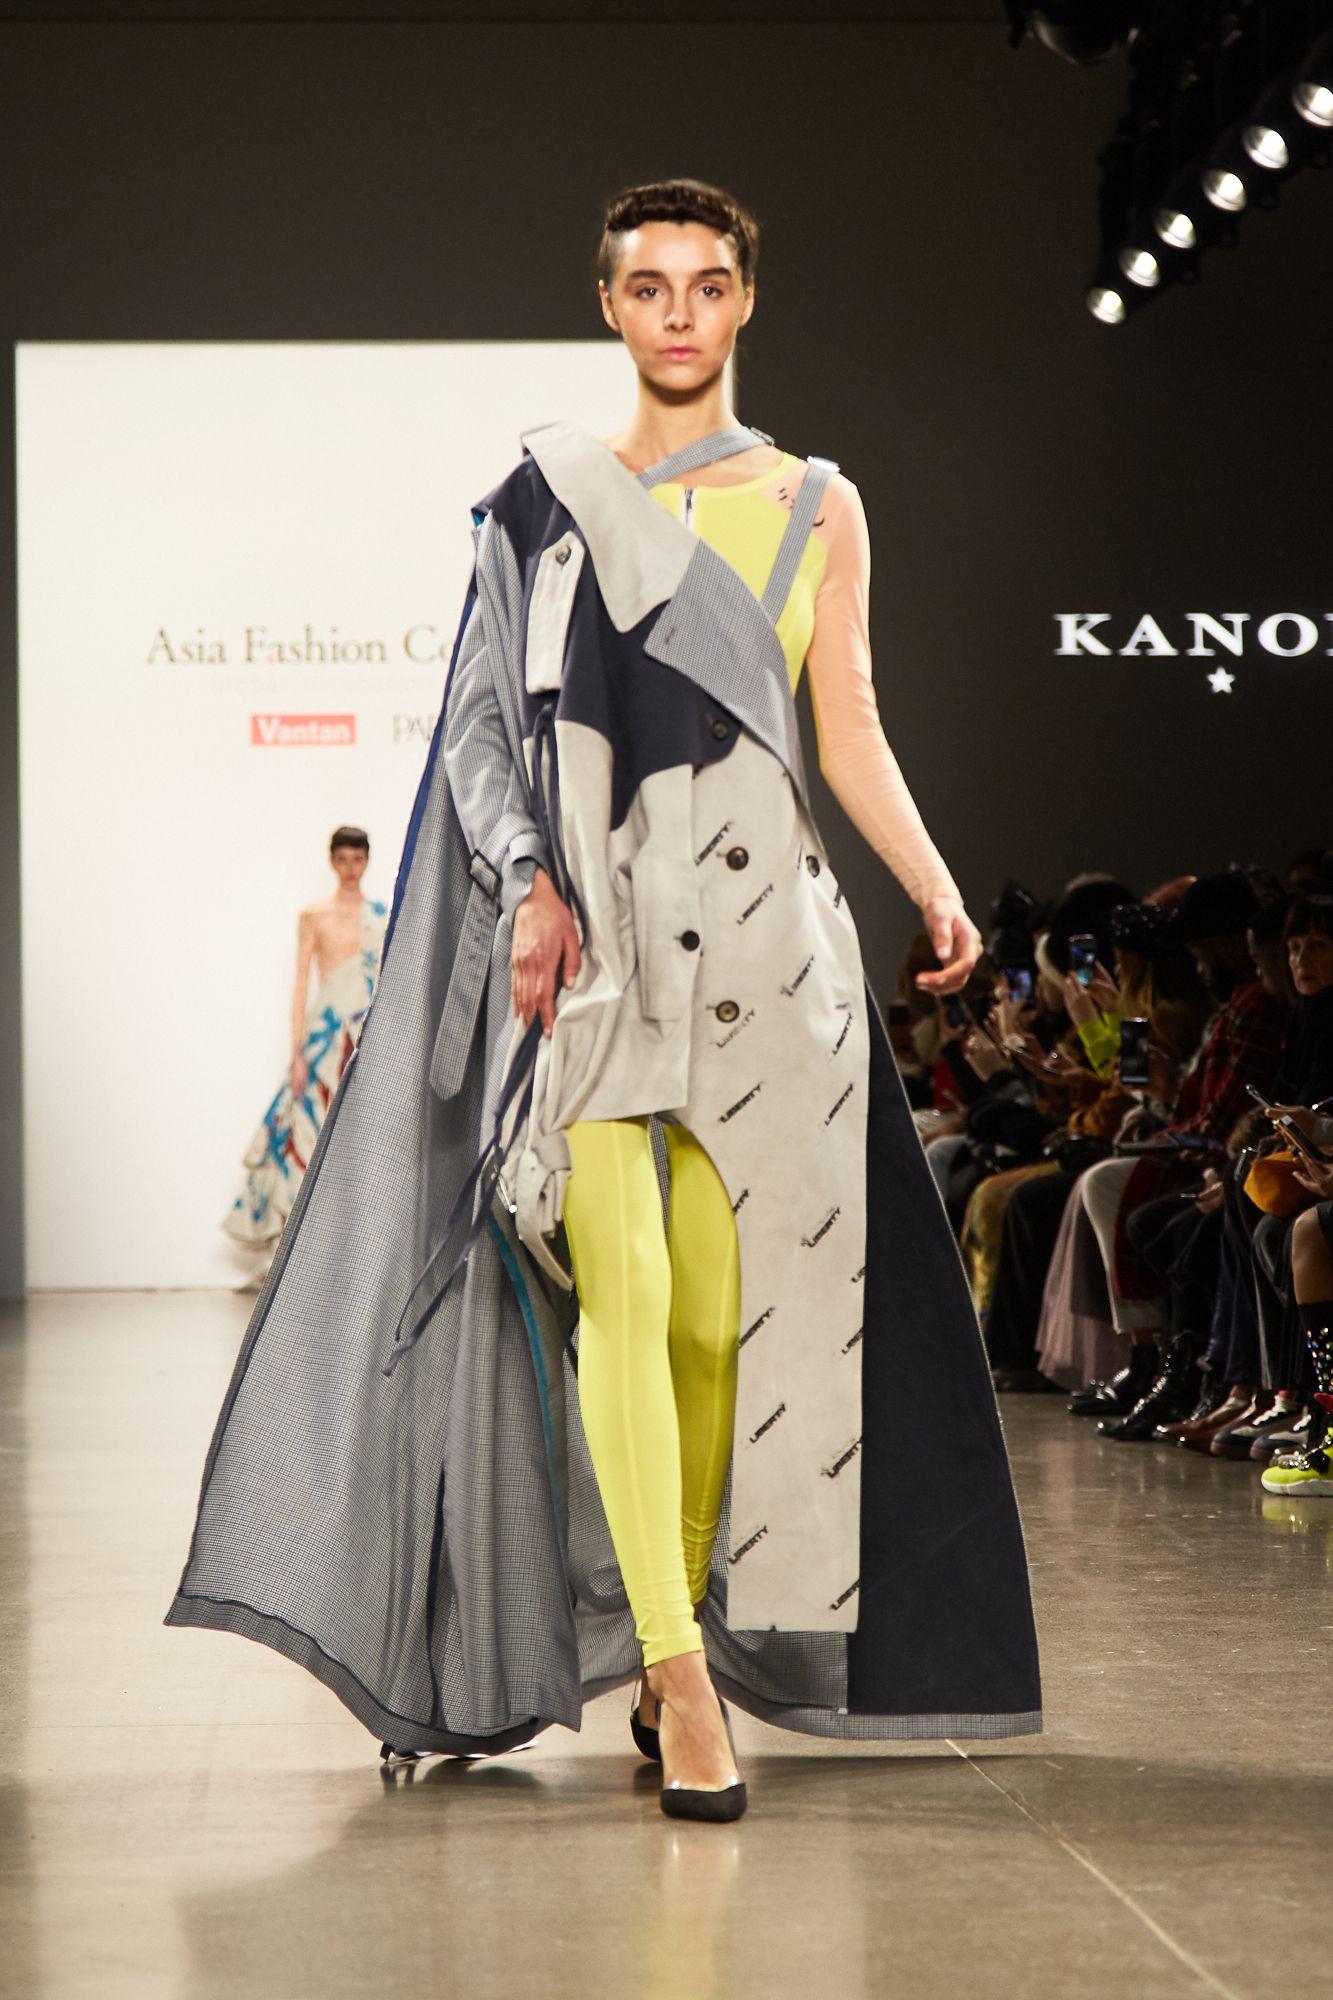 Style Spotlight: Asymmetrical Dresses for Summer in 2020